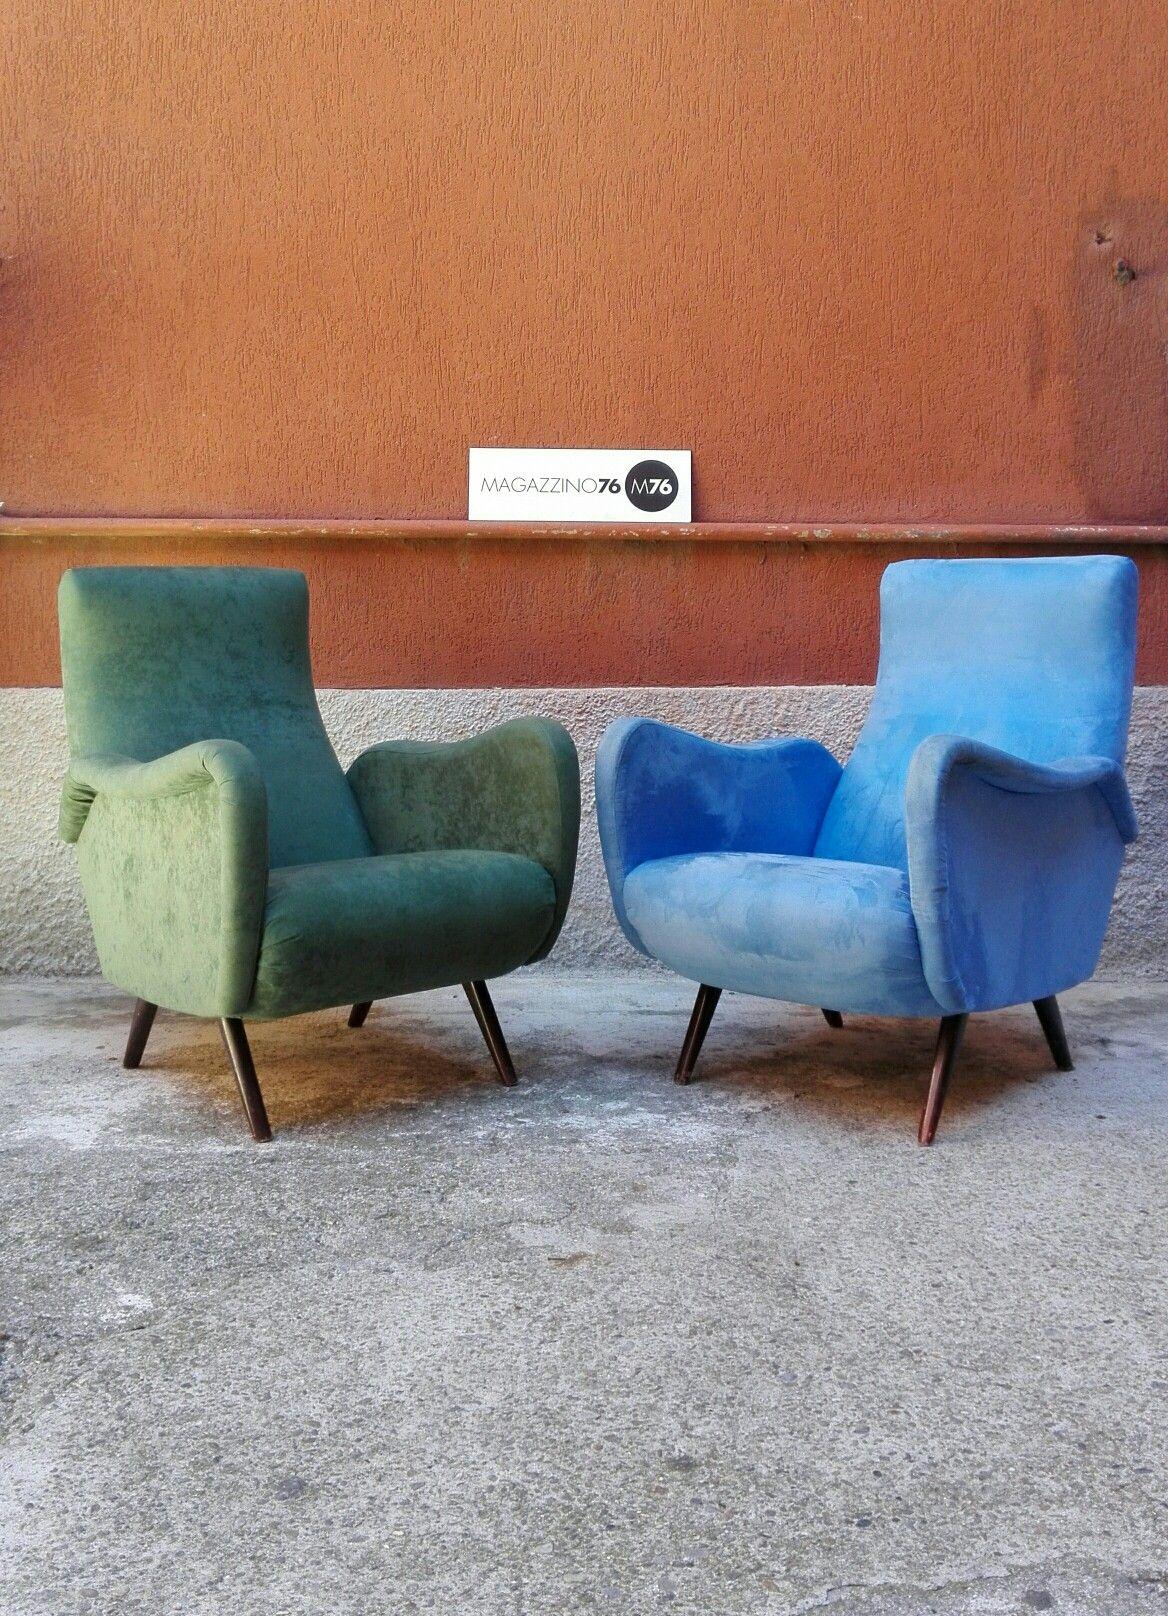 Divano Vintage Arredamento.Magazzino 76 Poltrone Divani Nel 2019 Divani Vintage